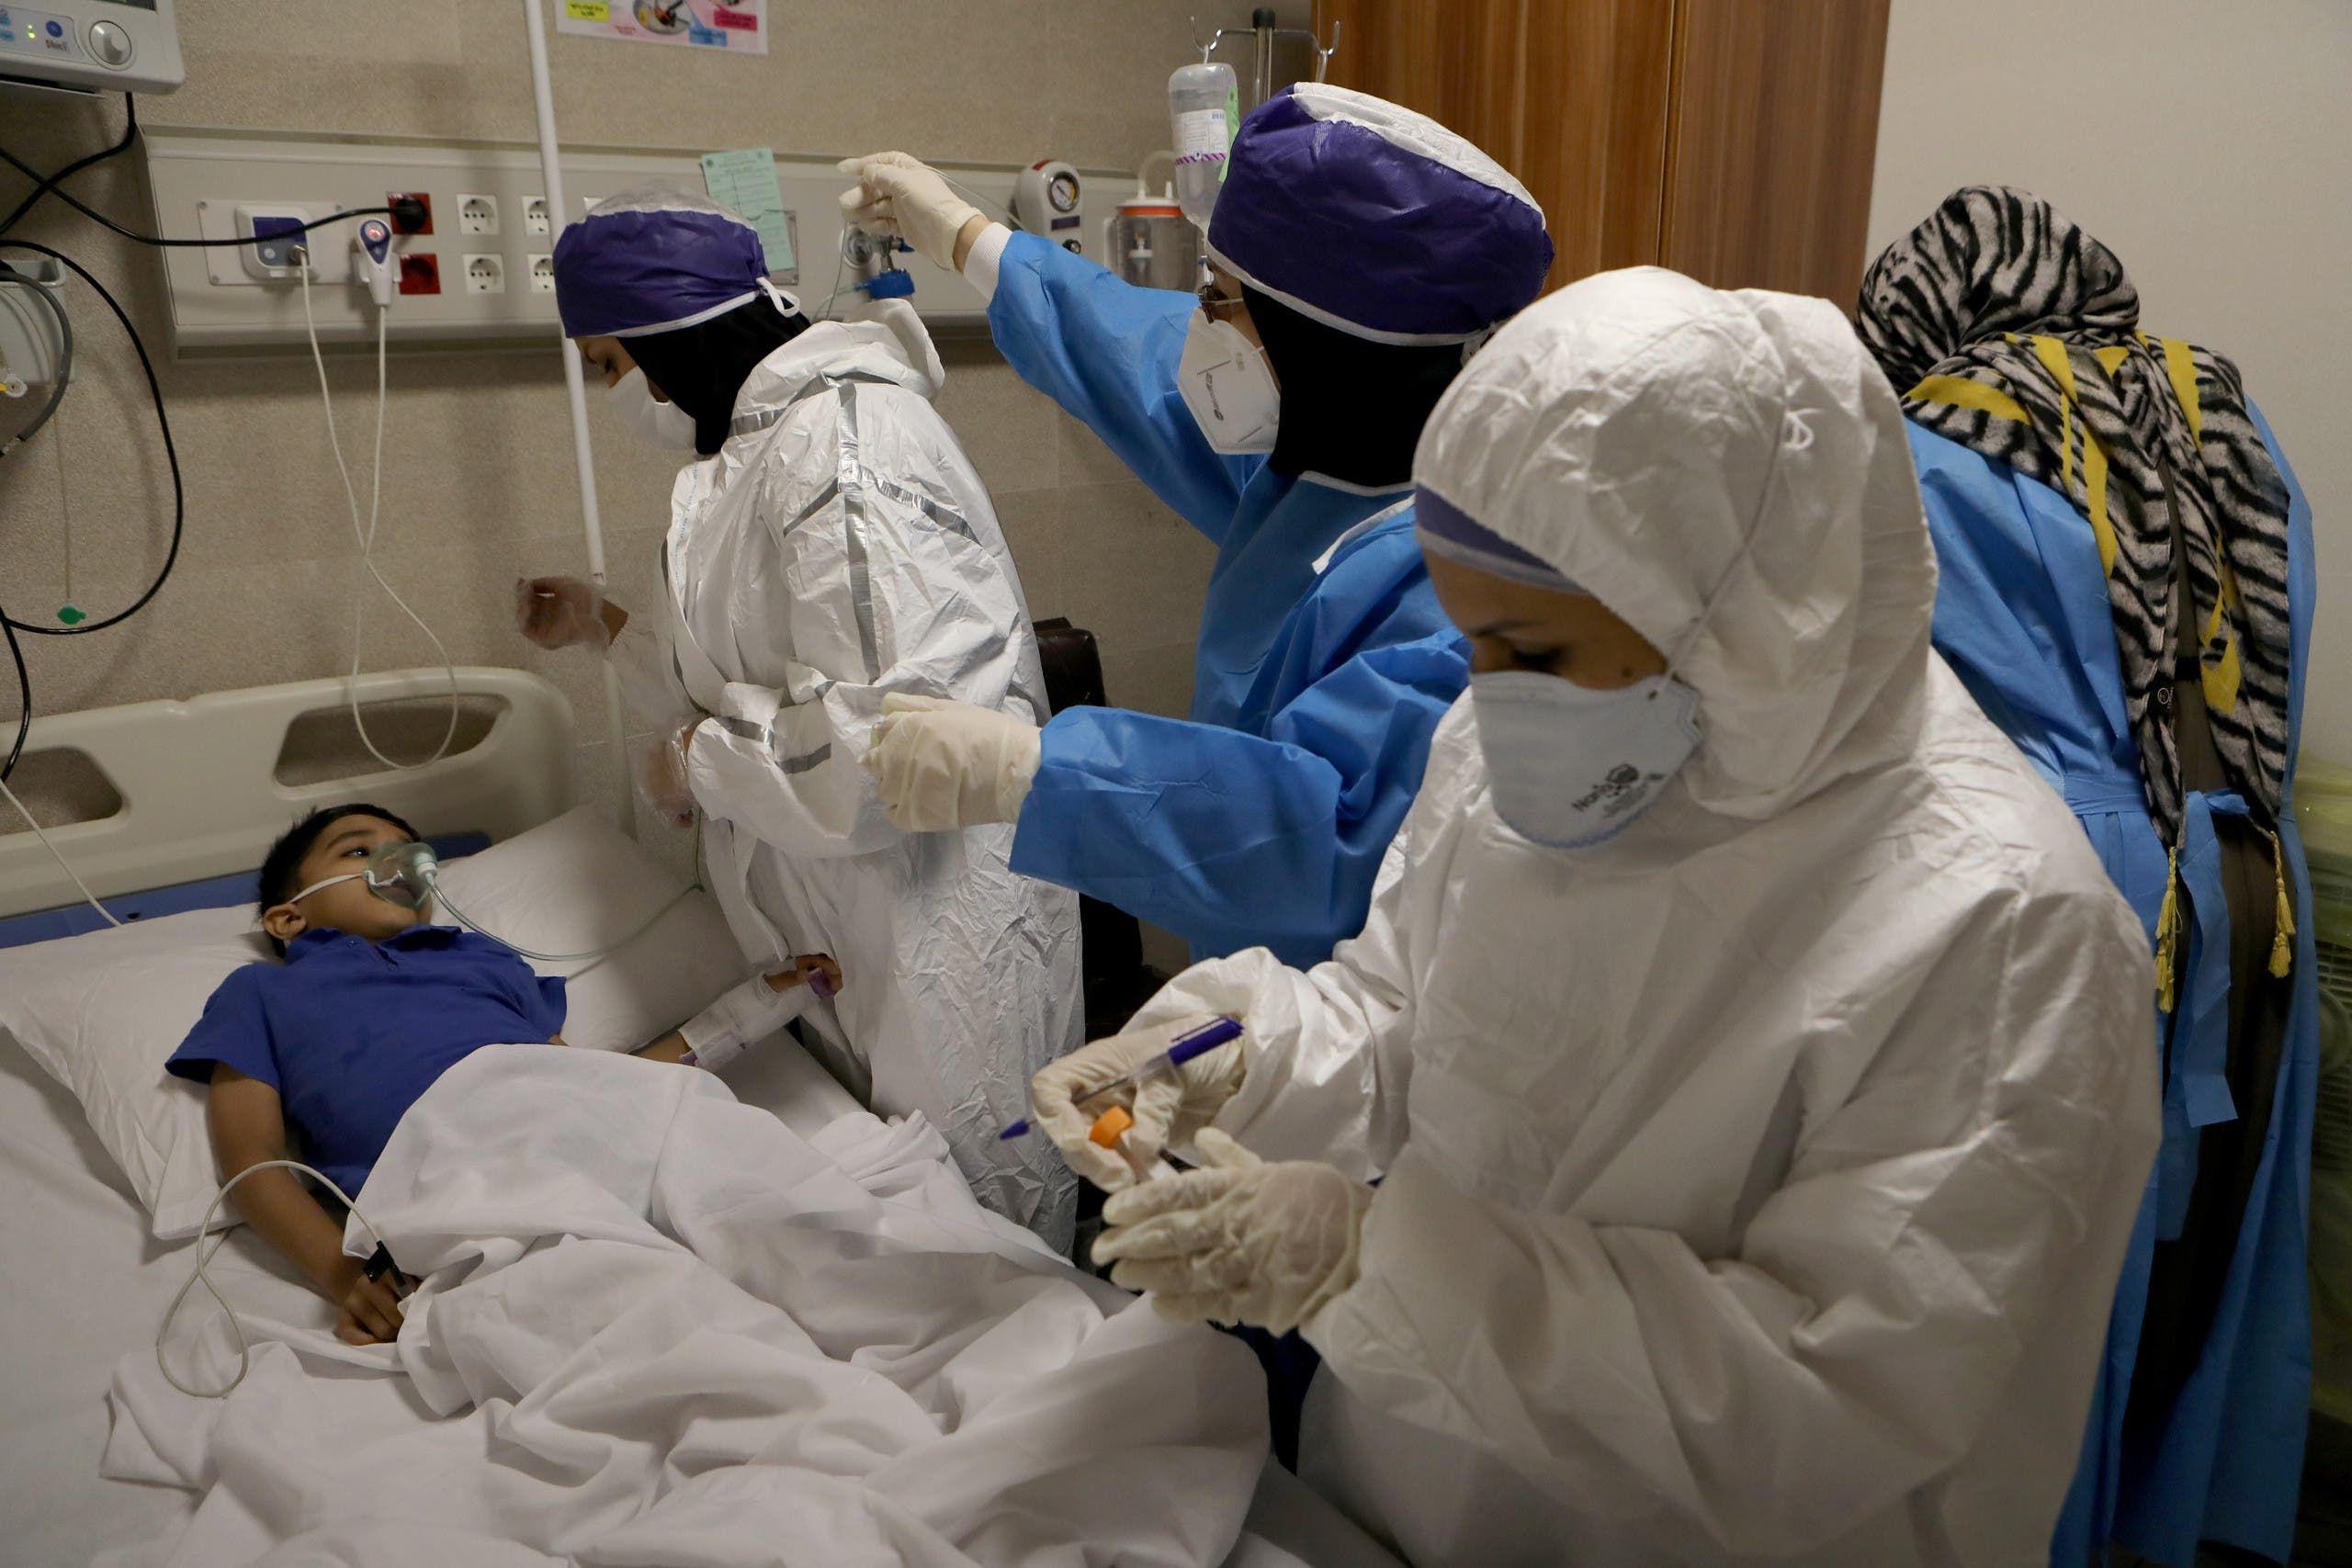 علاج طفل مصاب بكورونا في مستشفى بطهران